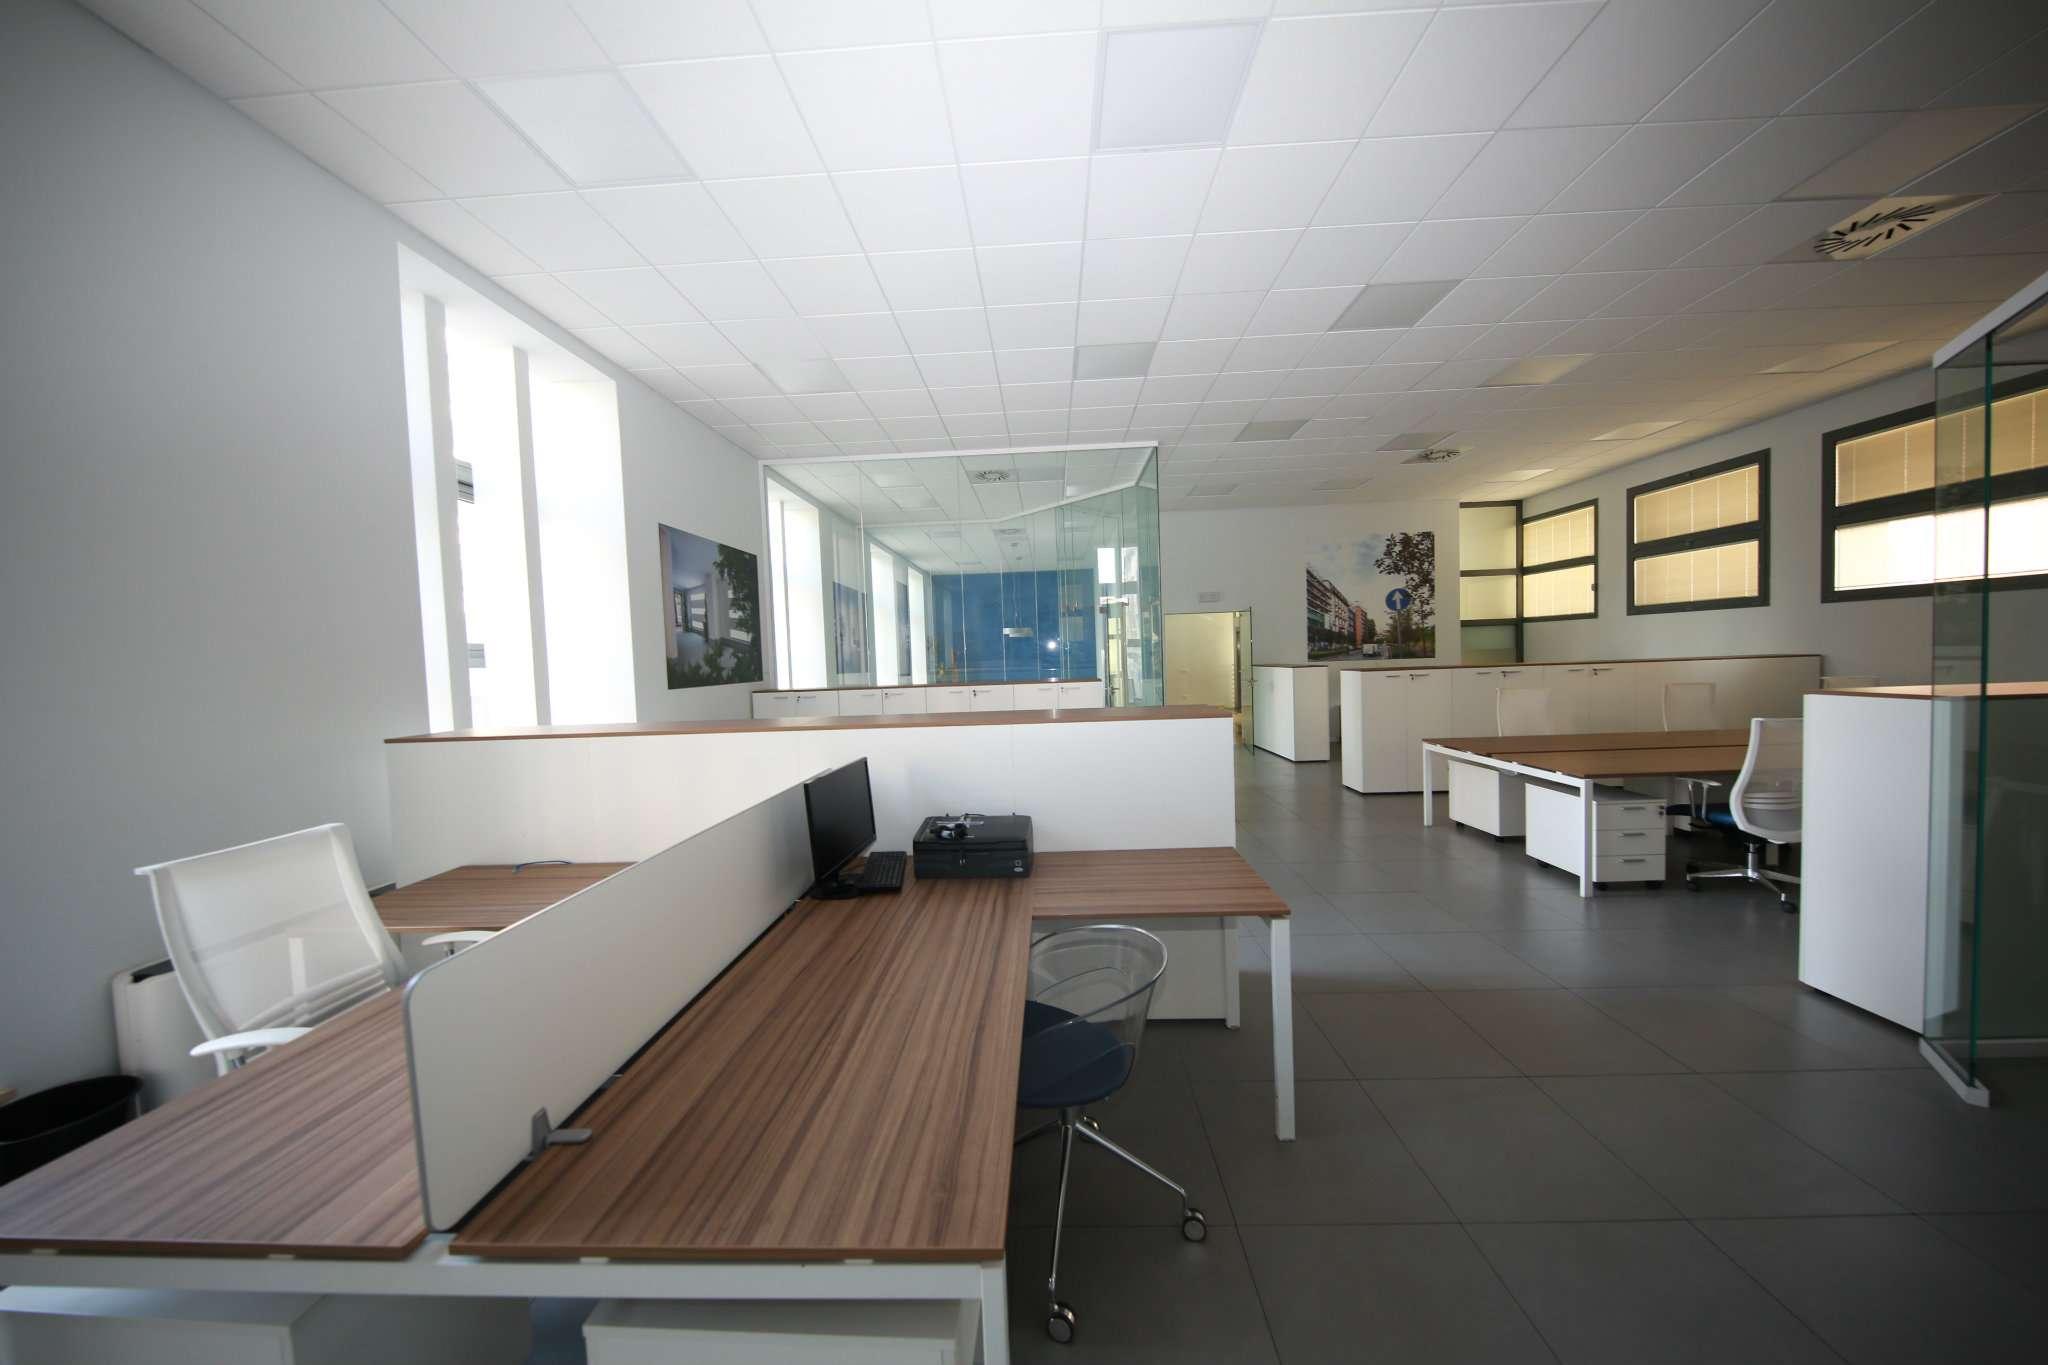 Ufficio Barriere Architettoniche Milano : Ufficio studio milano vendita u ac  zona v giornate